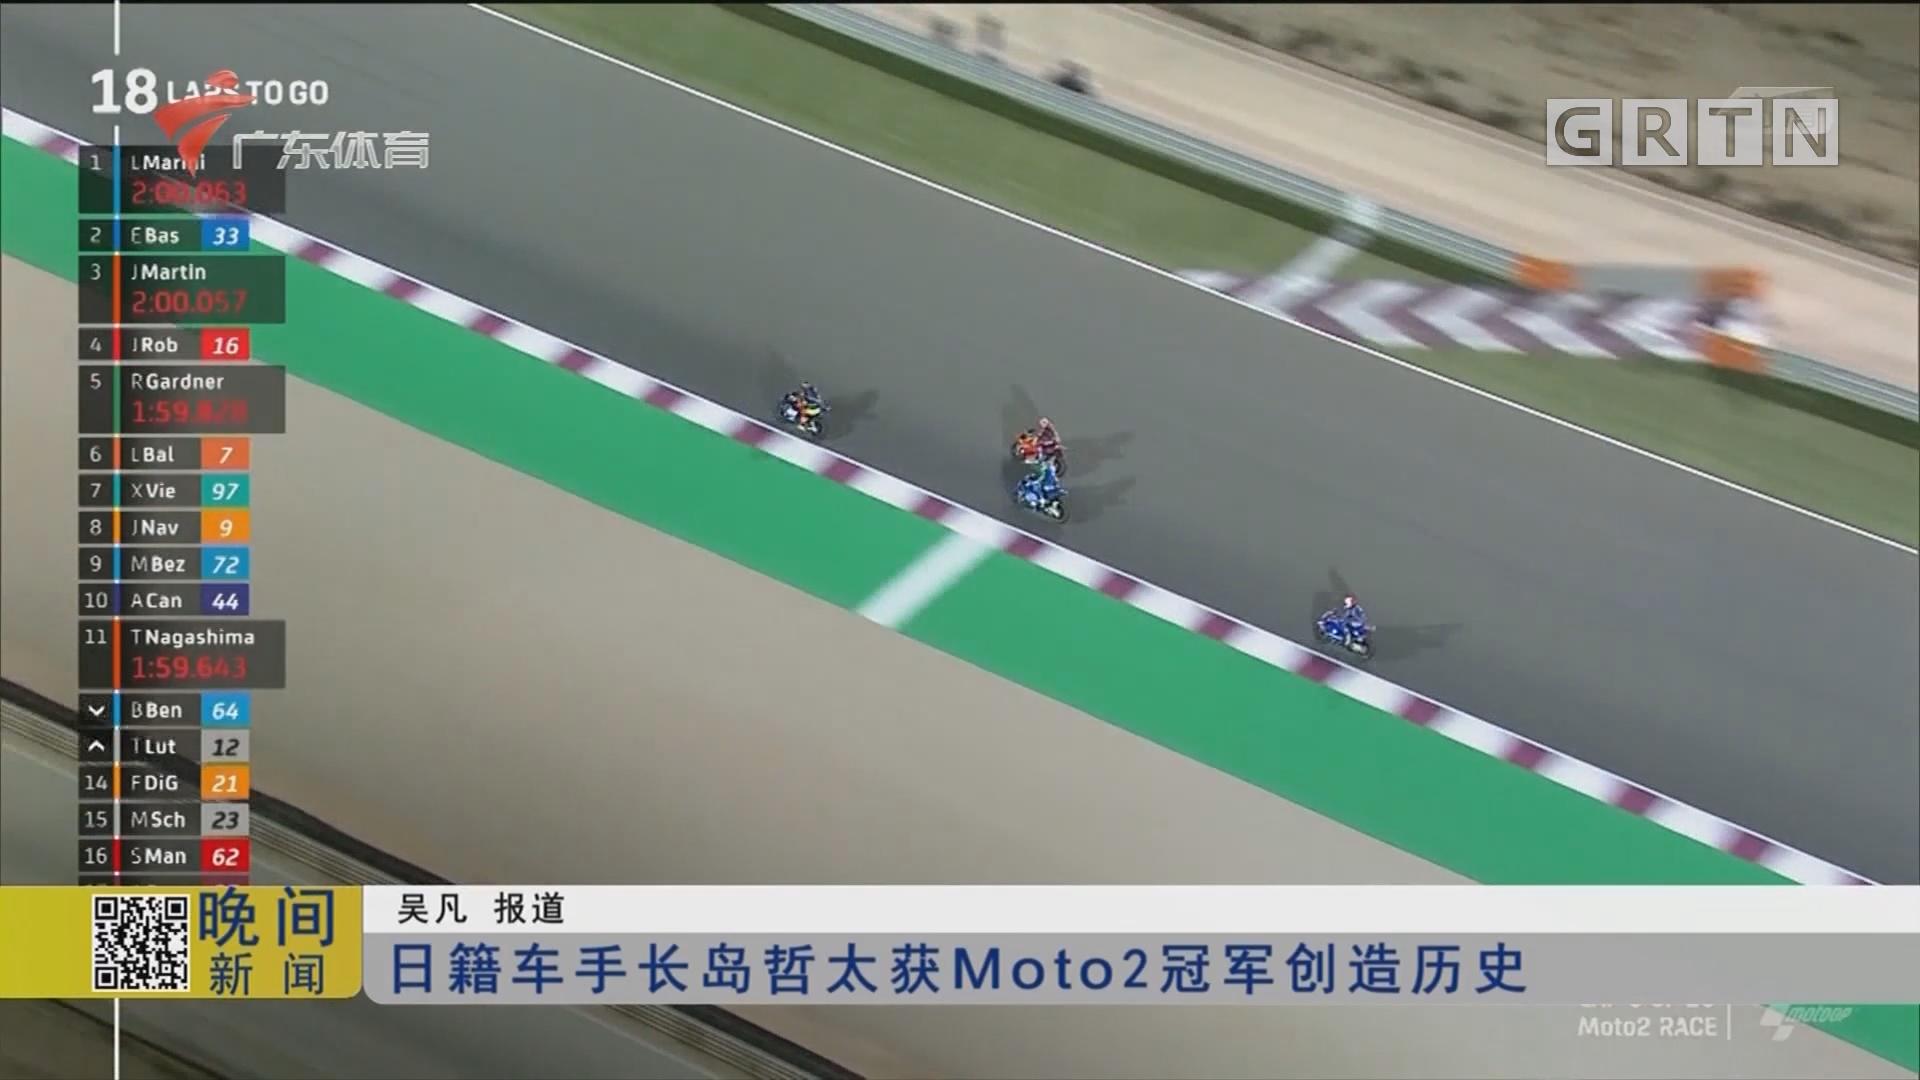 日籍车手长岛哲太获Moto2冠军创造历史